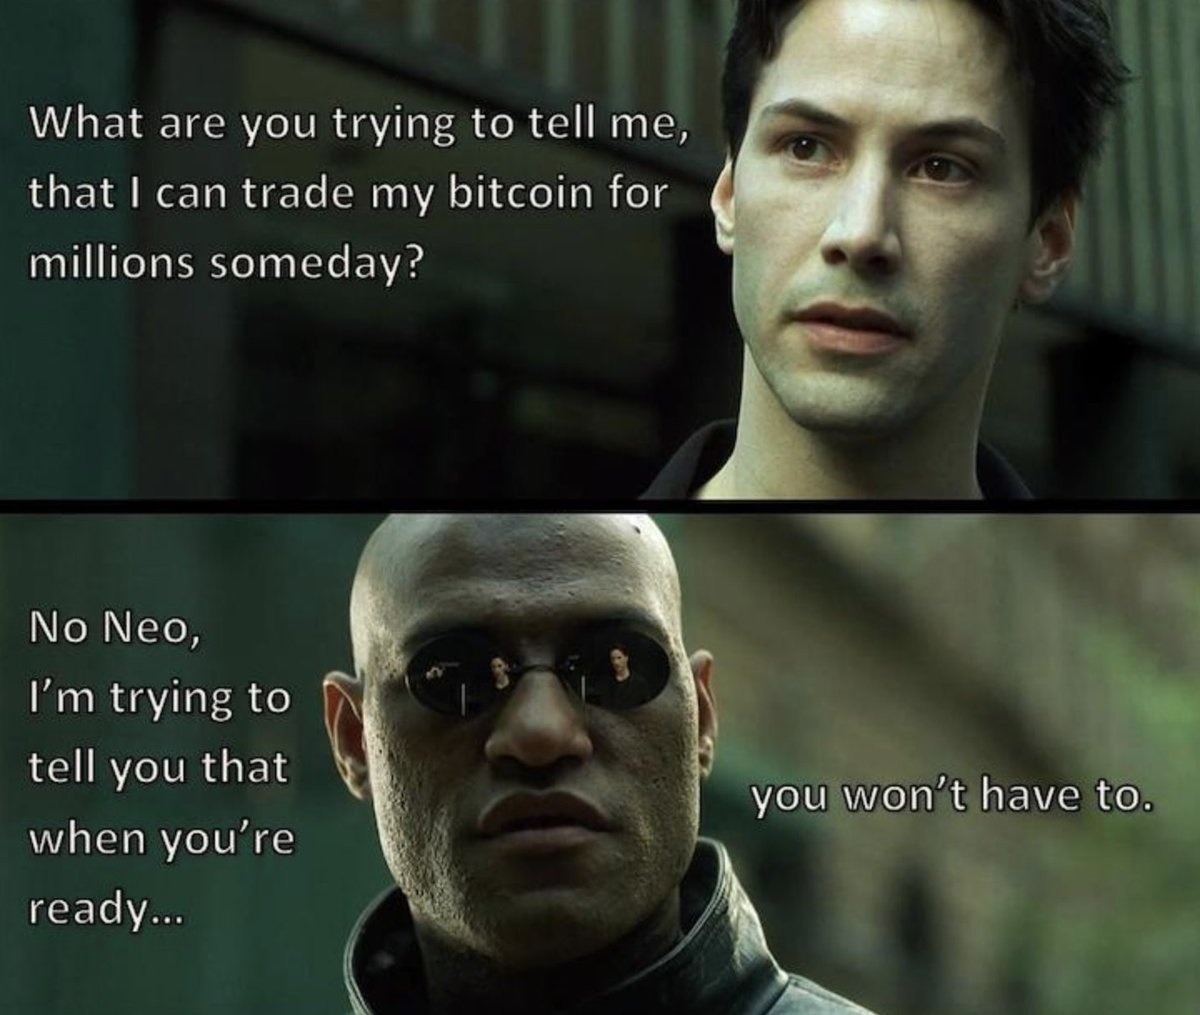 Matrix bitcoin meme